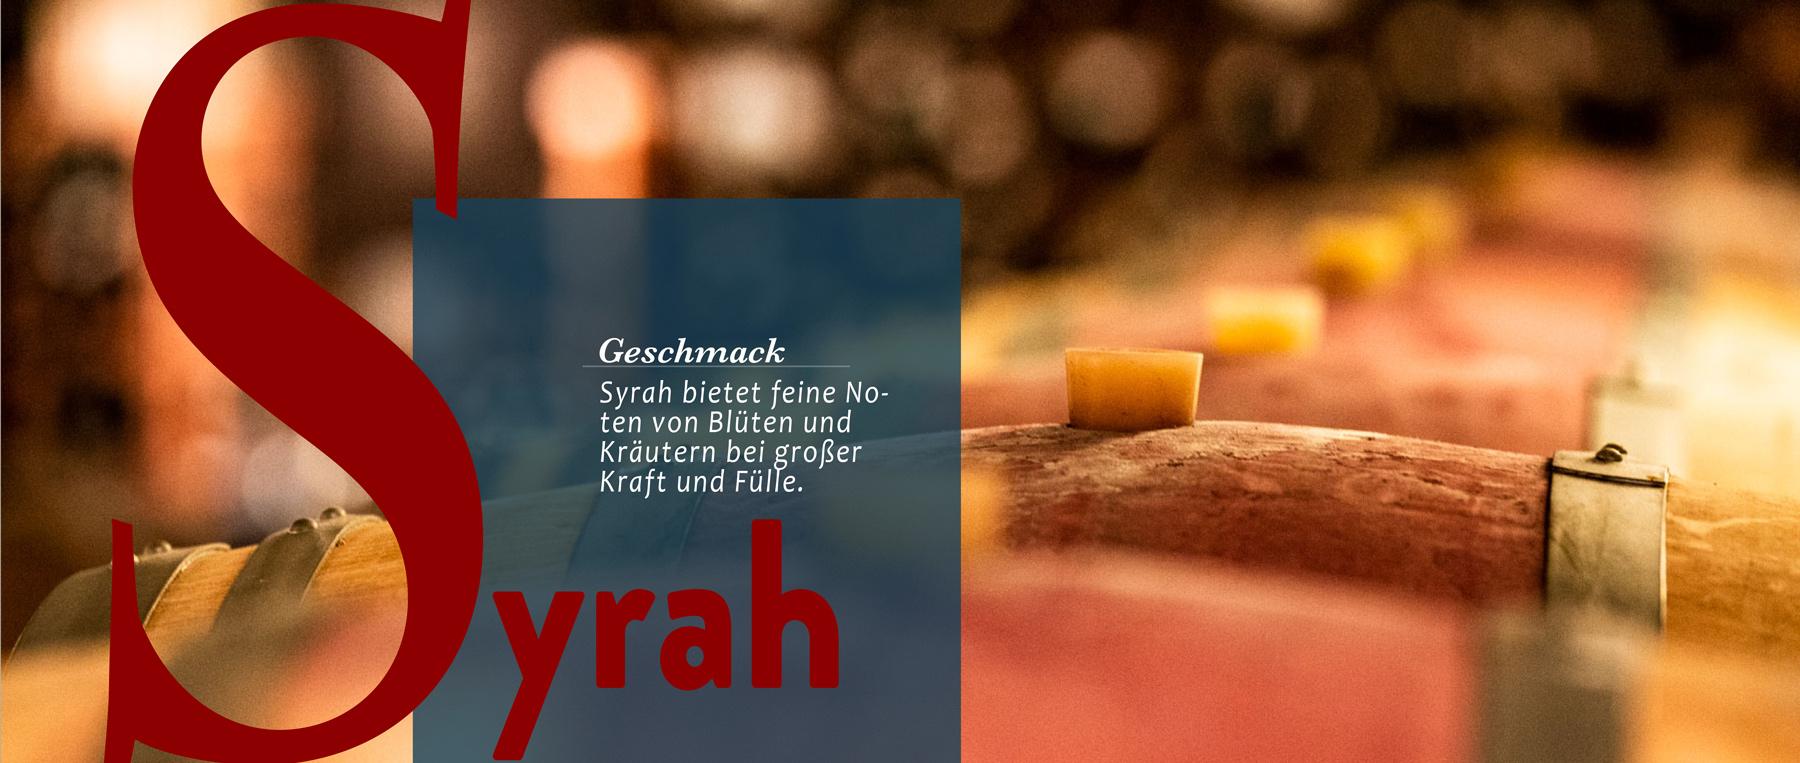 Syrah ist eine Sorte, die oft und gut im Barrique reift